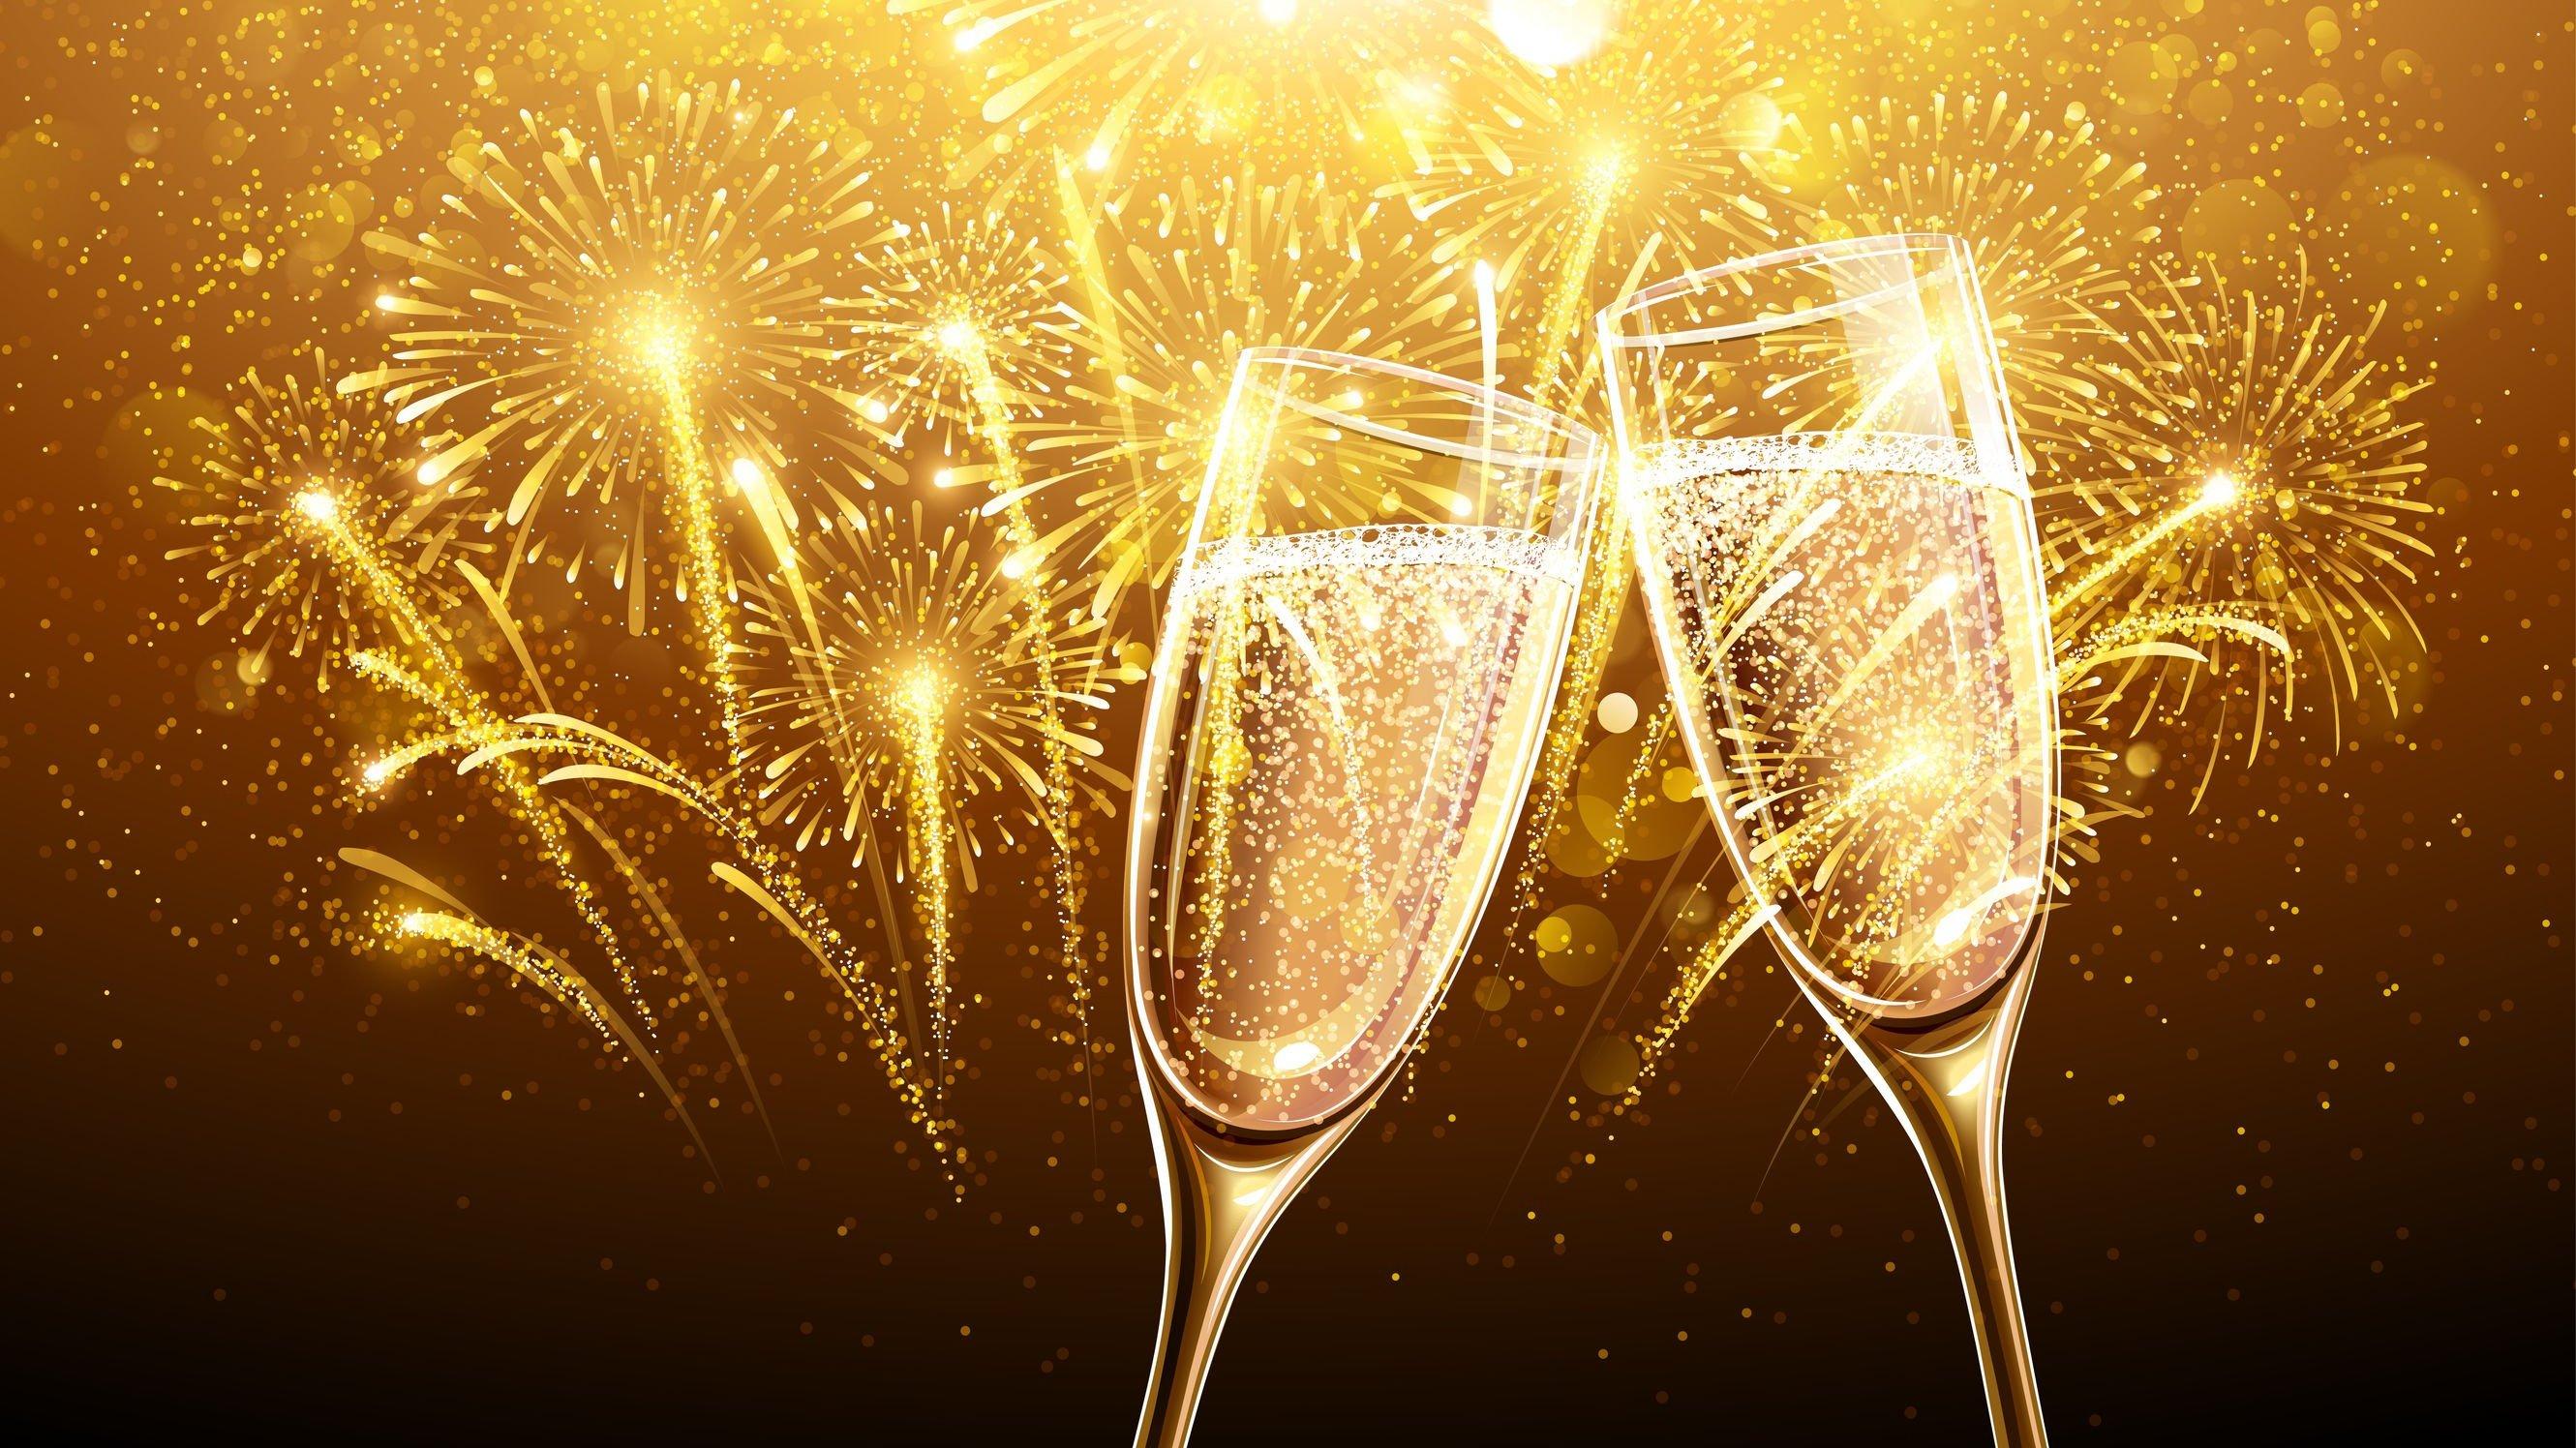 Duas taças de champagne com fogos de artifício no fundo